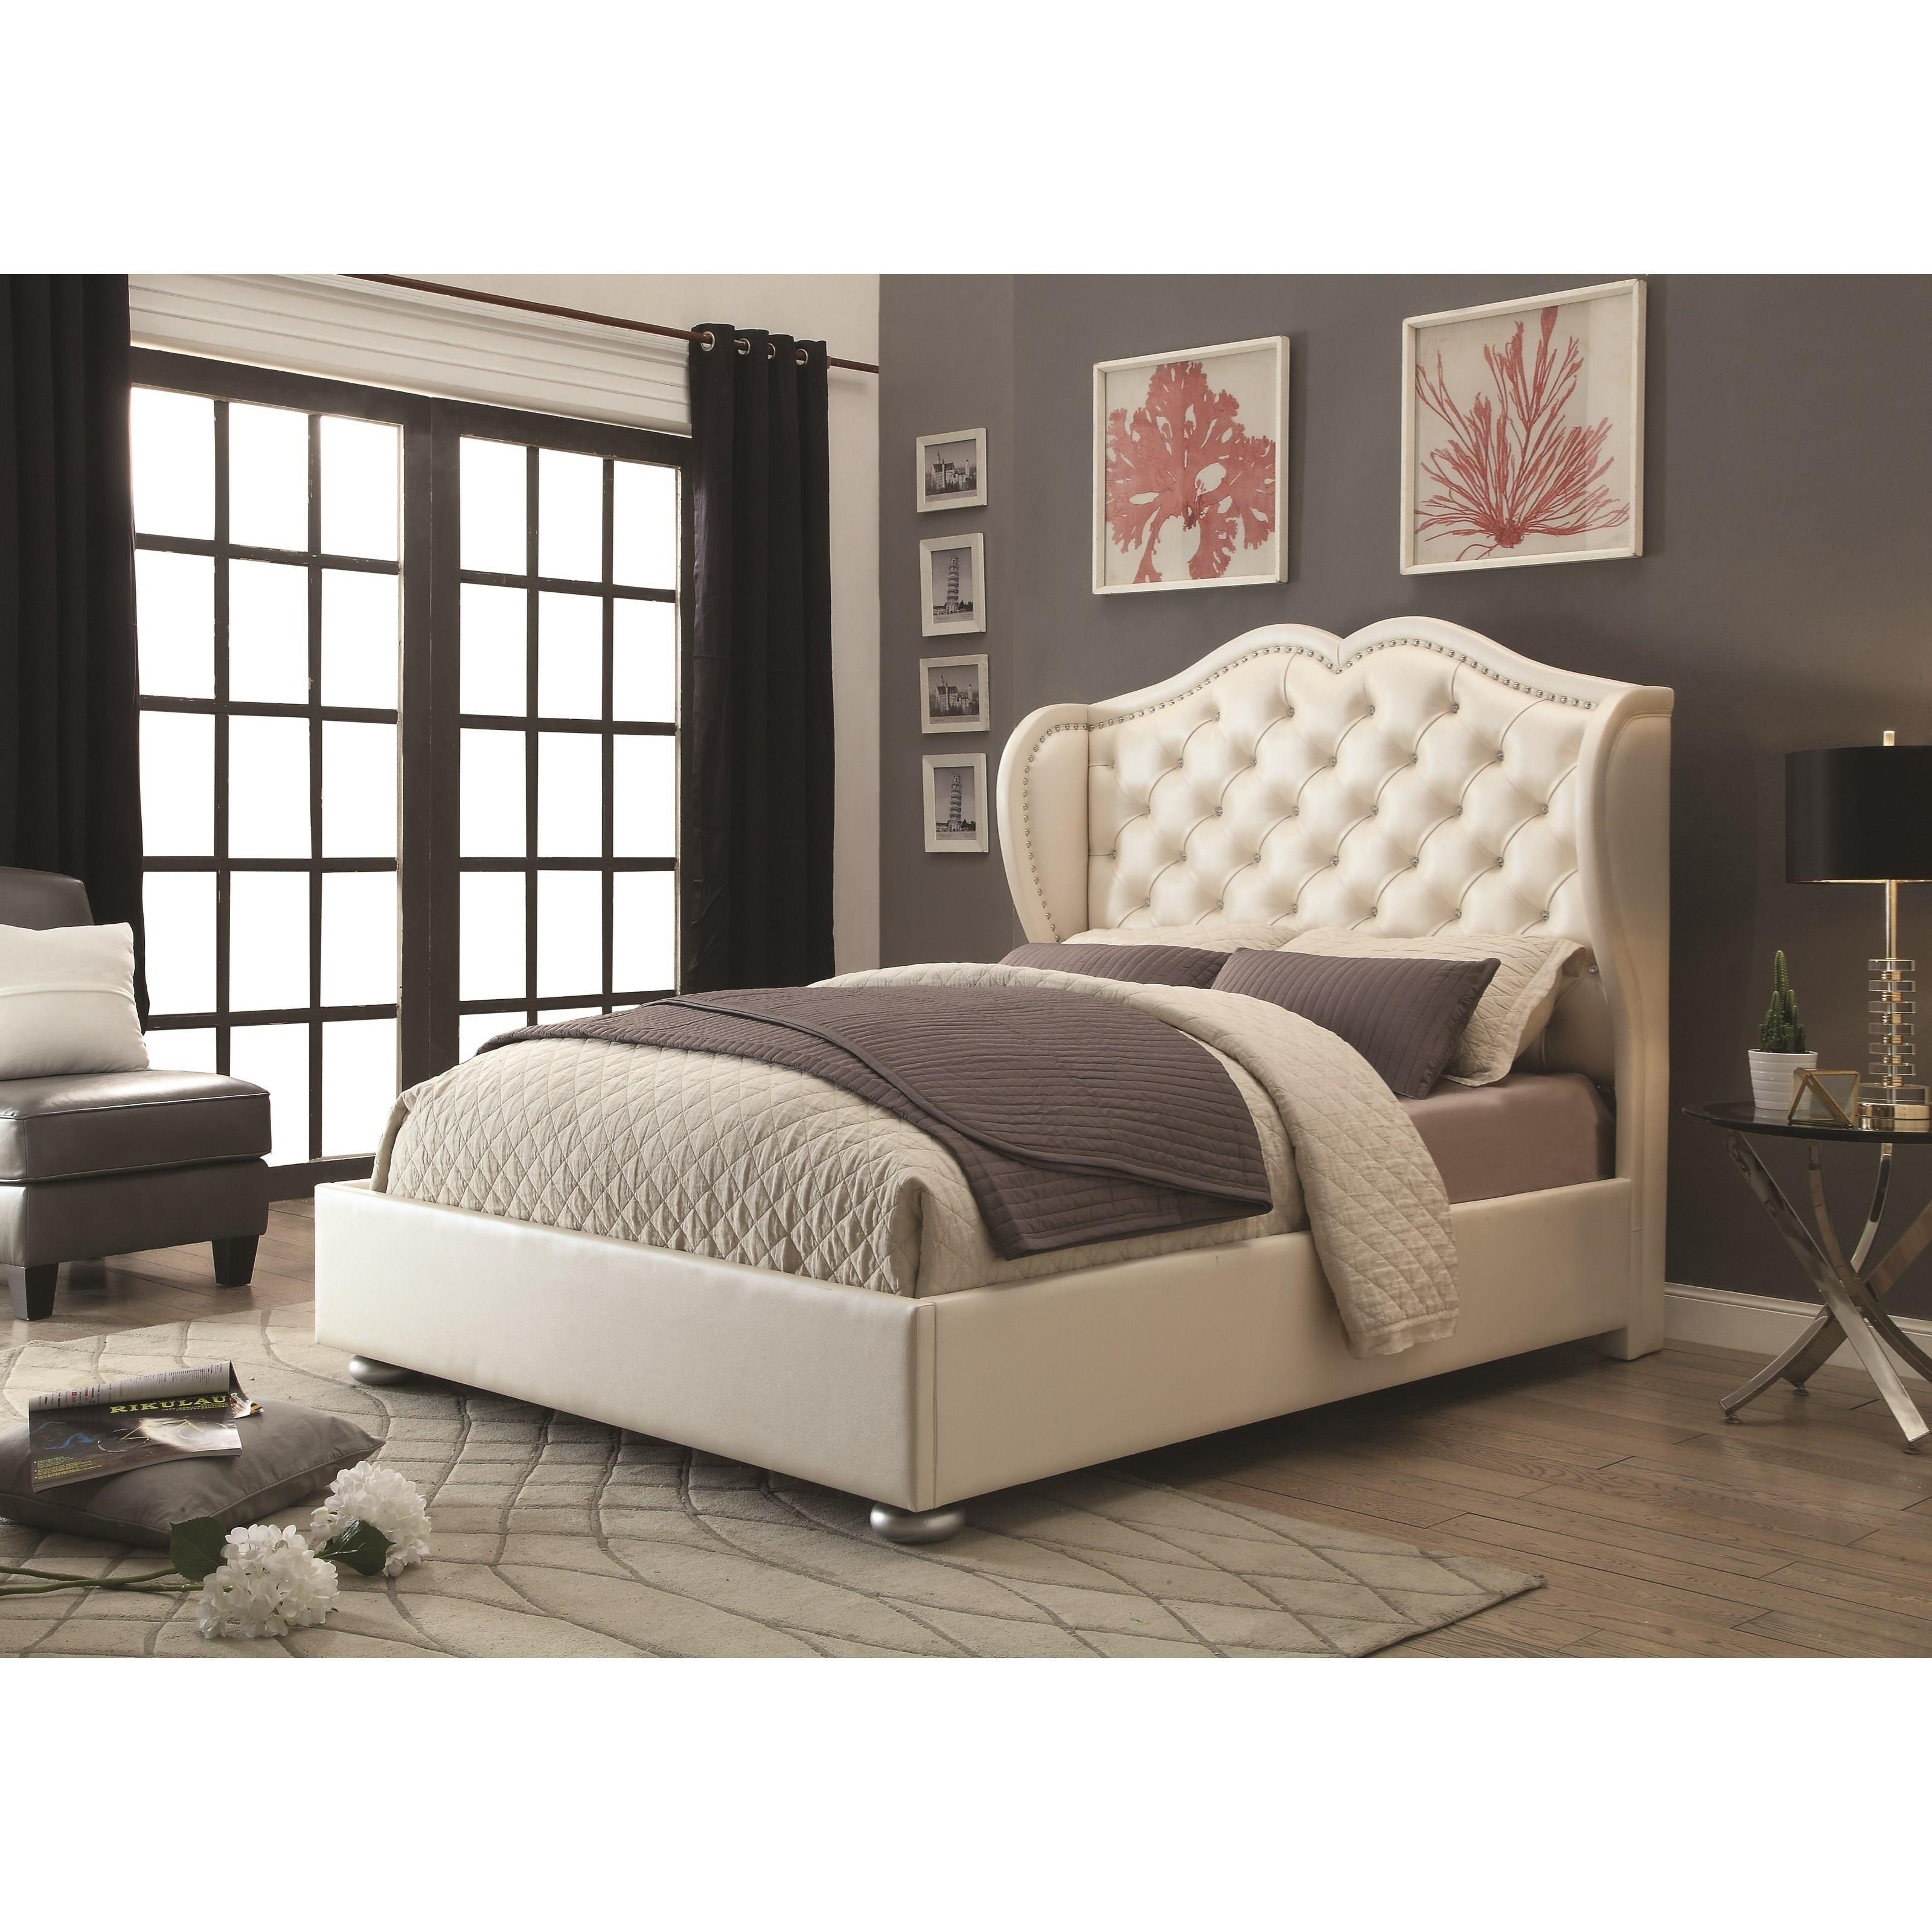 coaster upholstered beds queen bed - item number: 302011q UGDWETG